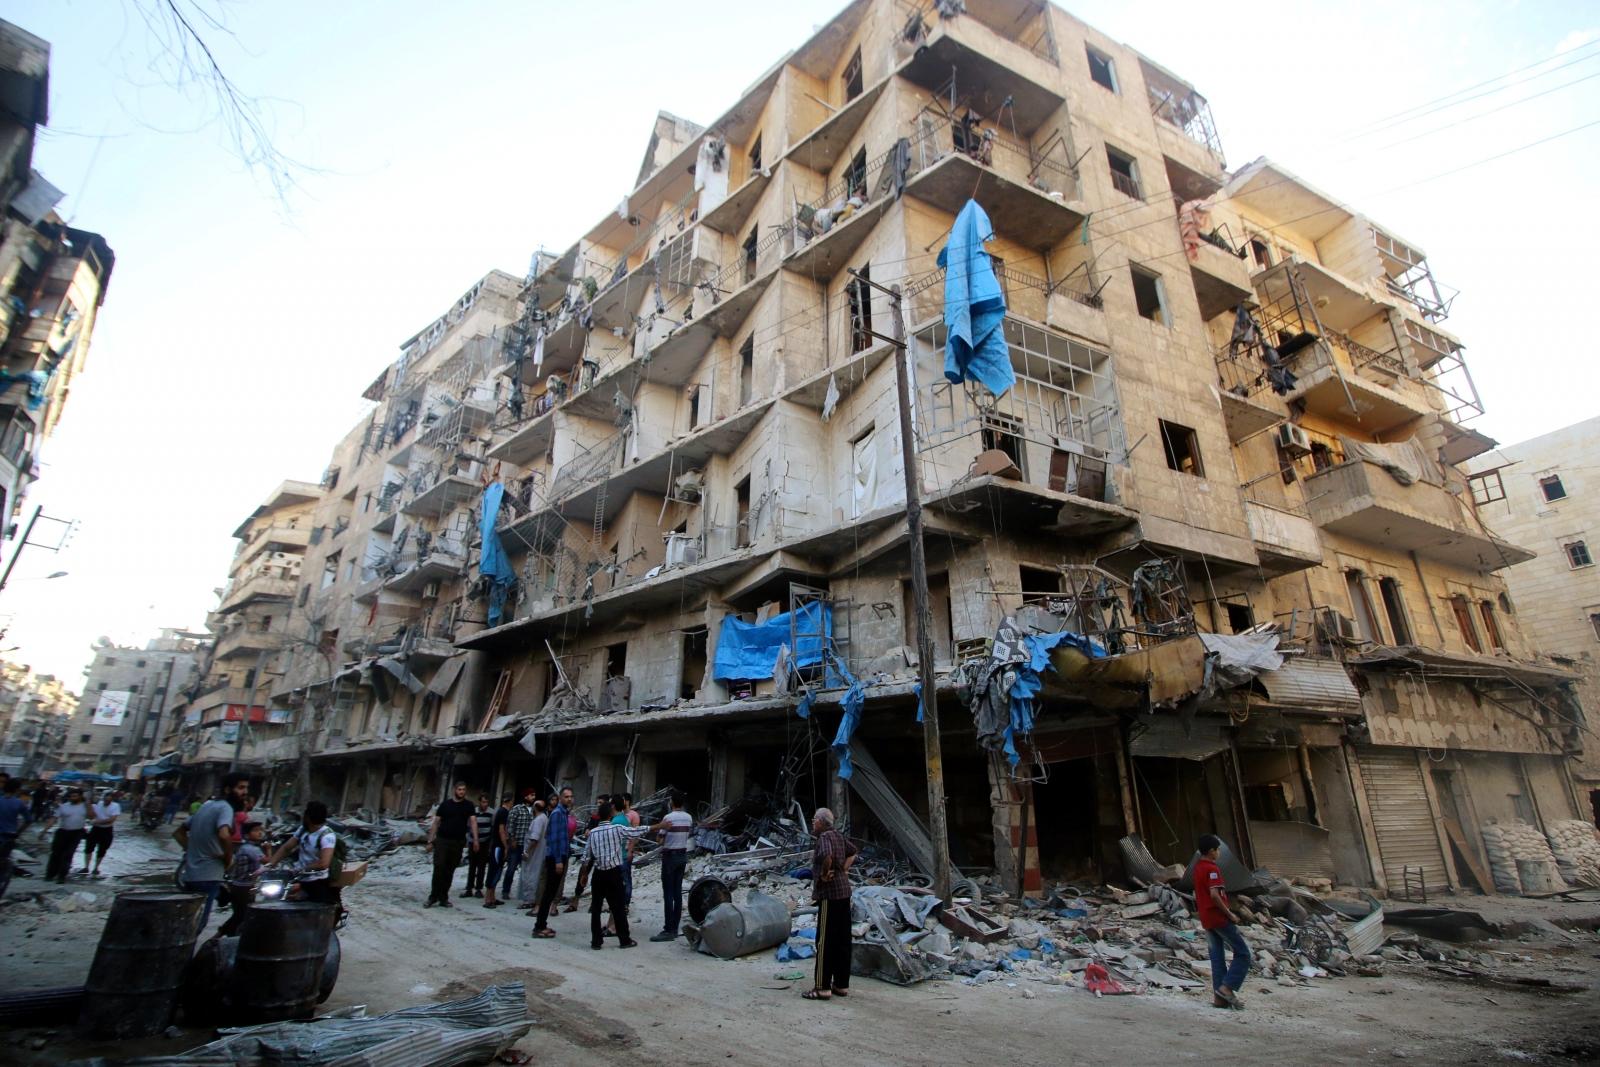 Aleppo Syria June 2016 bomb damage